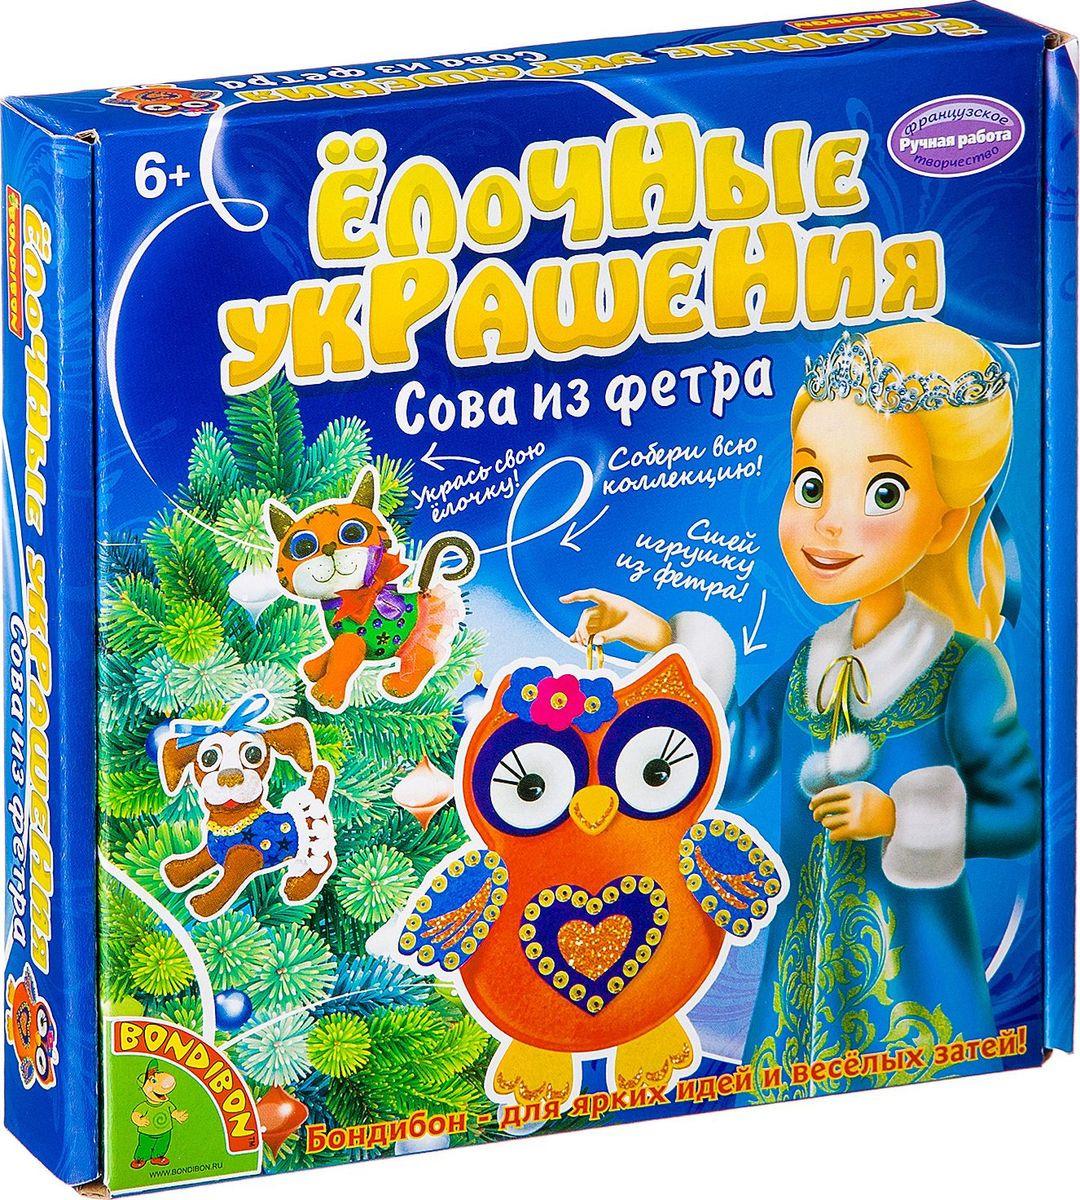 Набор для изготовления игрушек Bondibon Елочные украшения из фетра. Сова